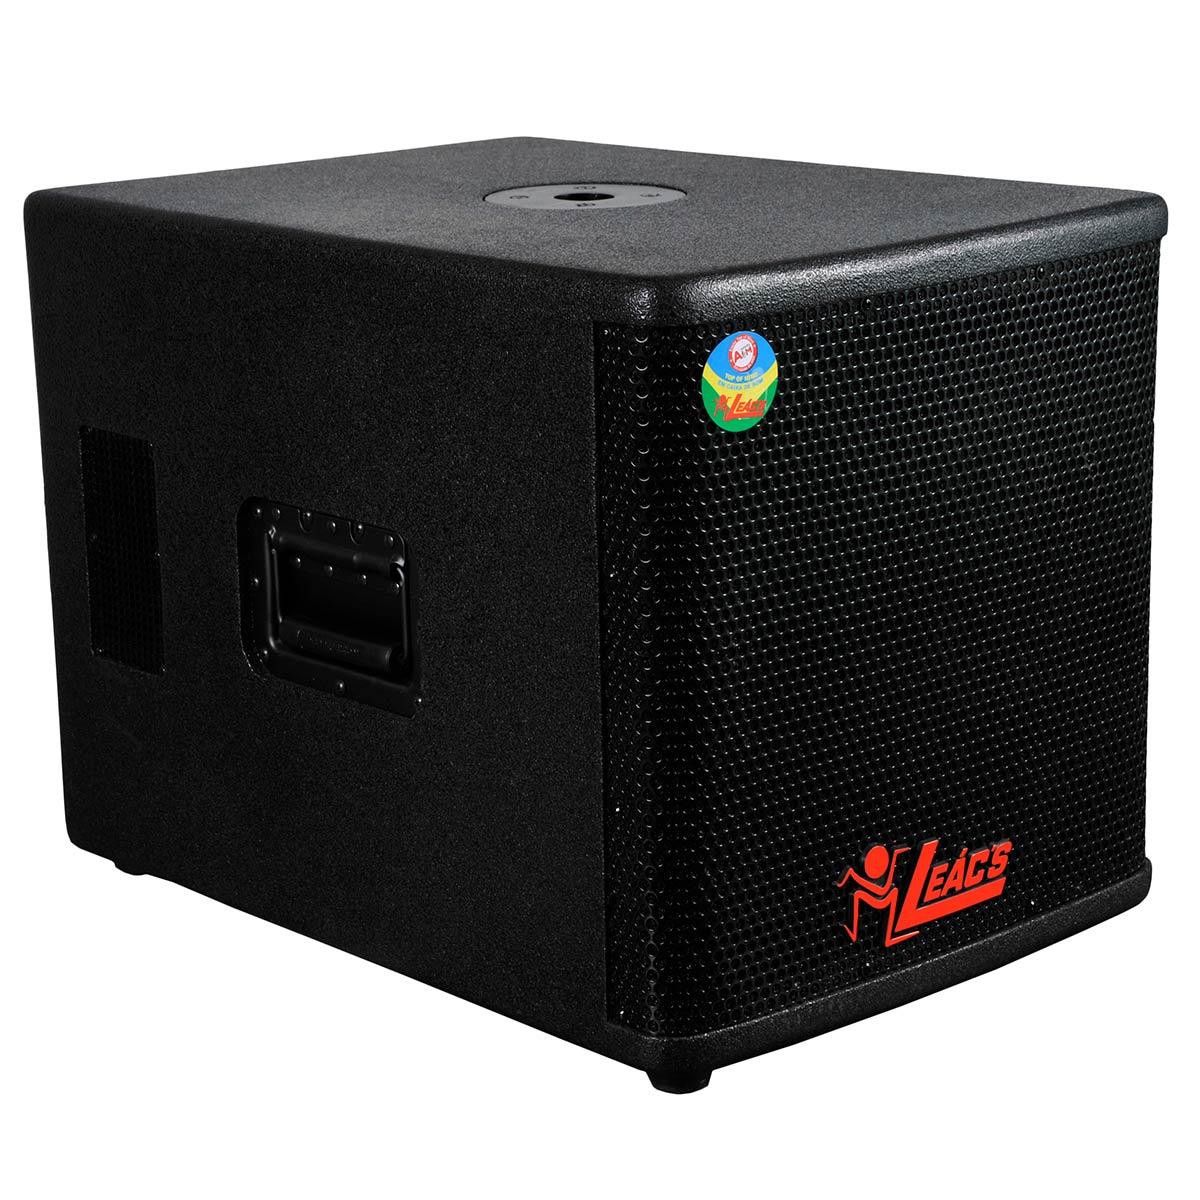 VIP500 - Subwoofer Ativo 500W VIP 500 - Leacs